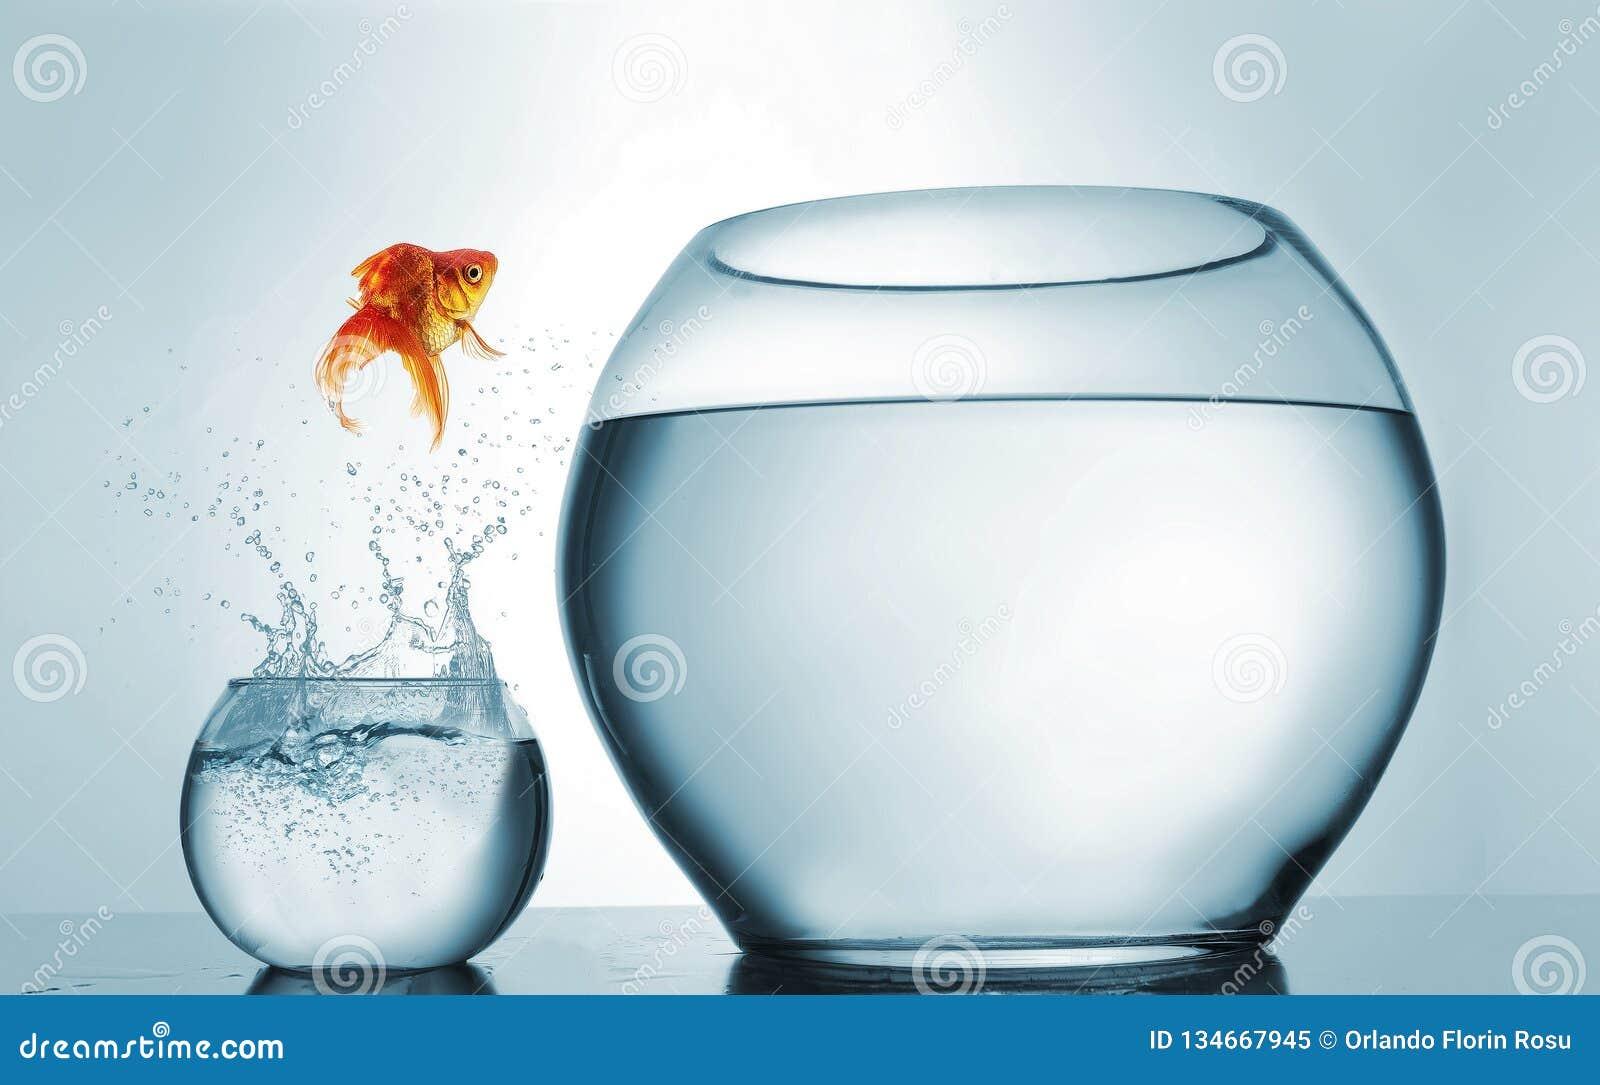 O peixe dourado que salta em uma bacia mais grande - conceito da aspiração e da realização